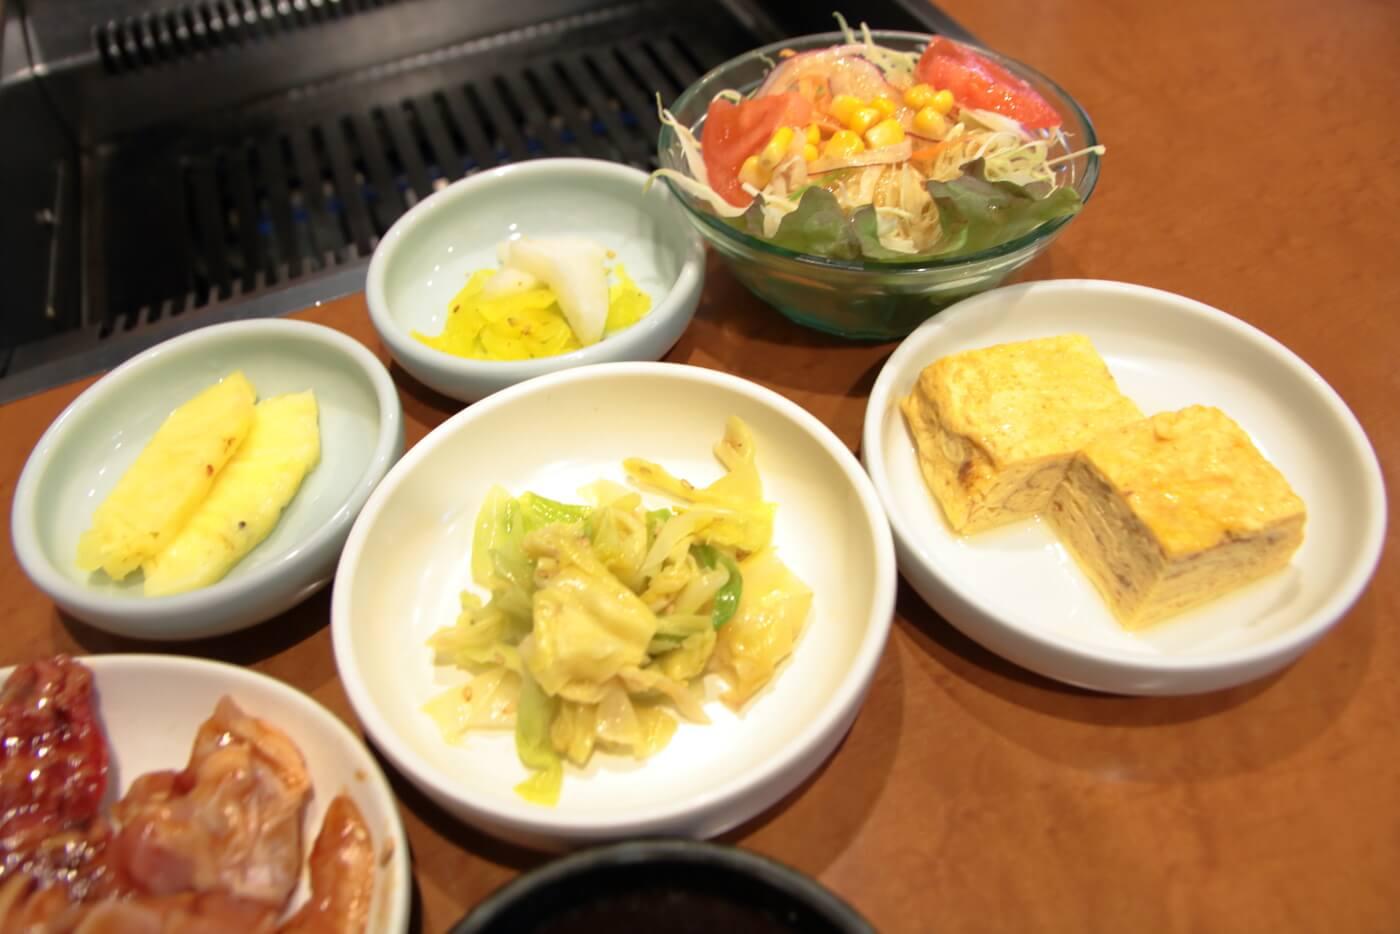 天下味桟橋店の焼肉ランチ 副菜